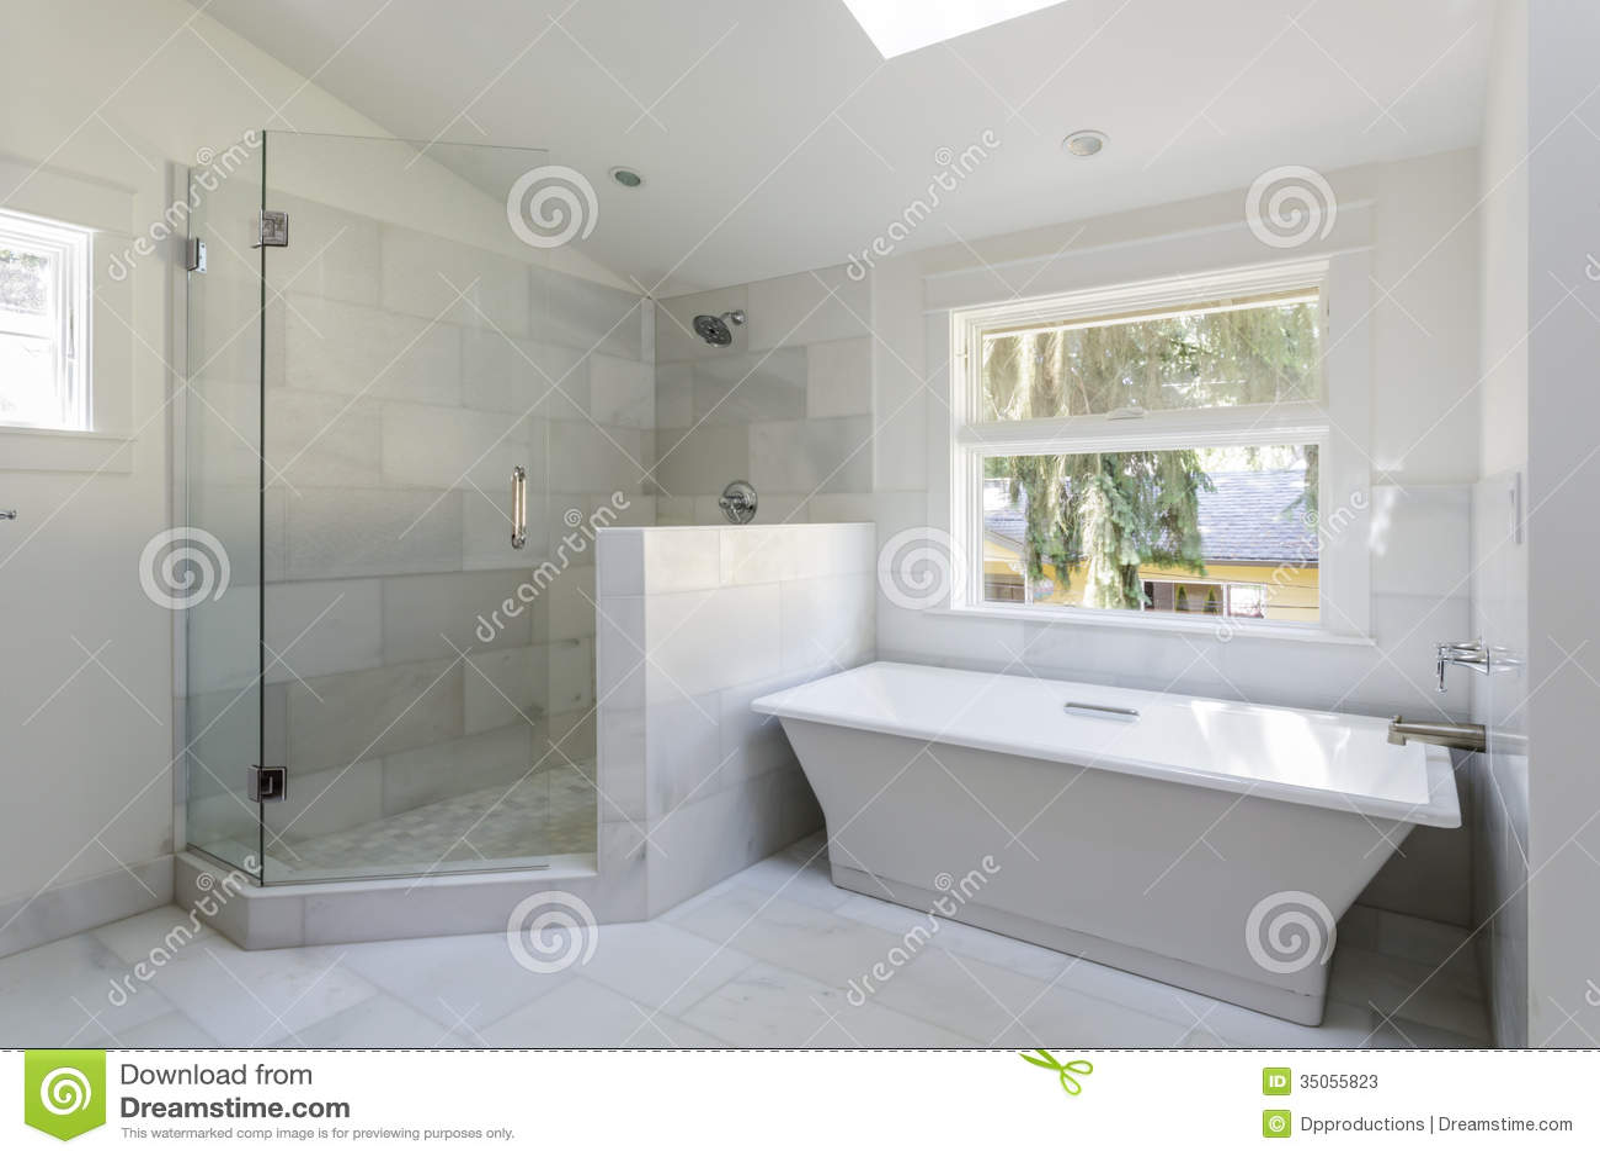 Cuarto de ba o moderno con la ducha y la ba era fotos de for Banos modernos con banera